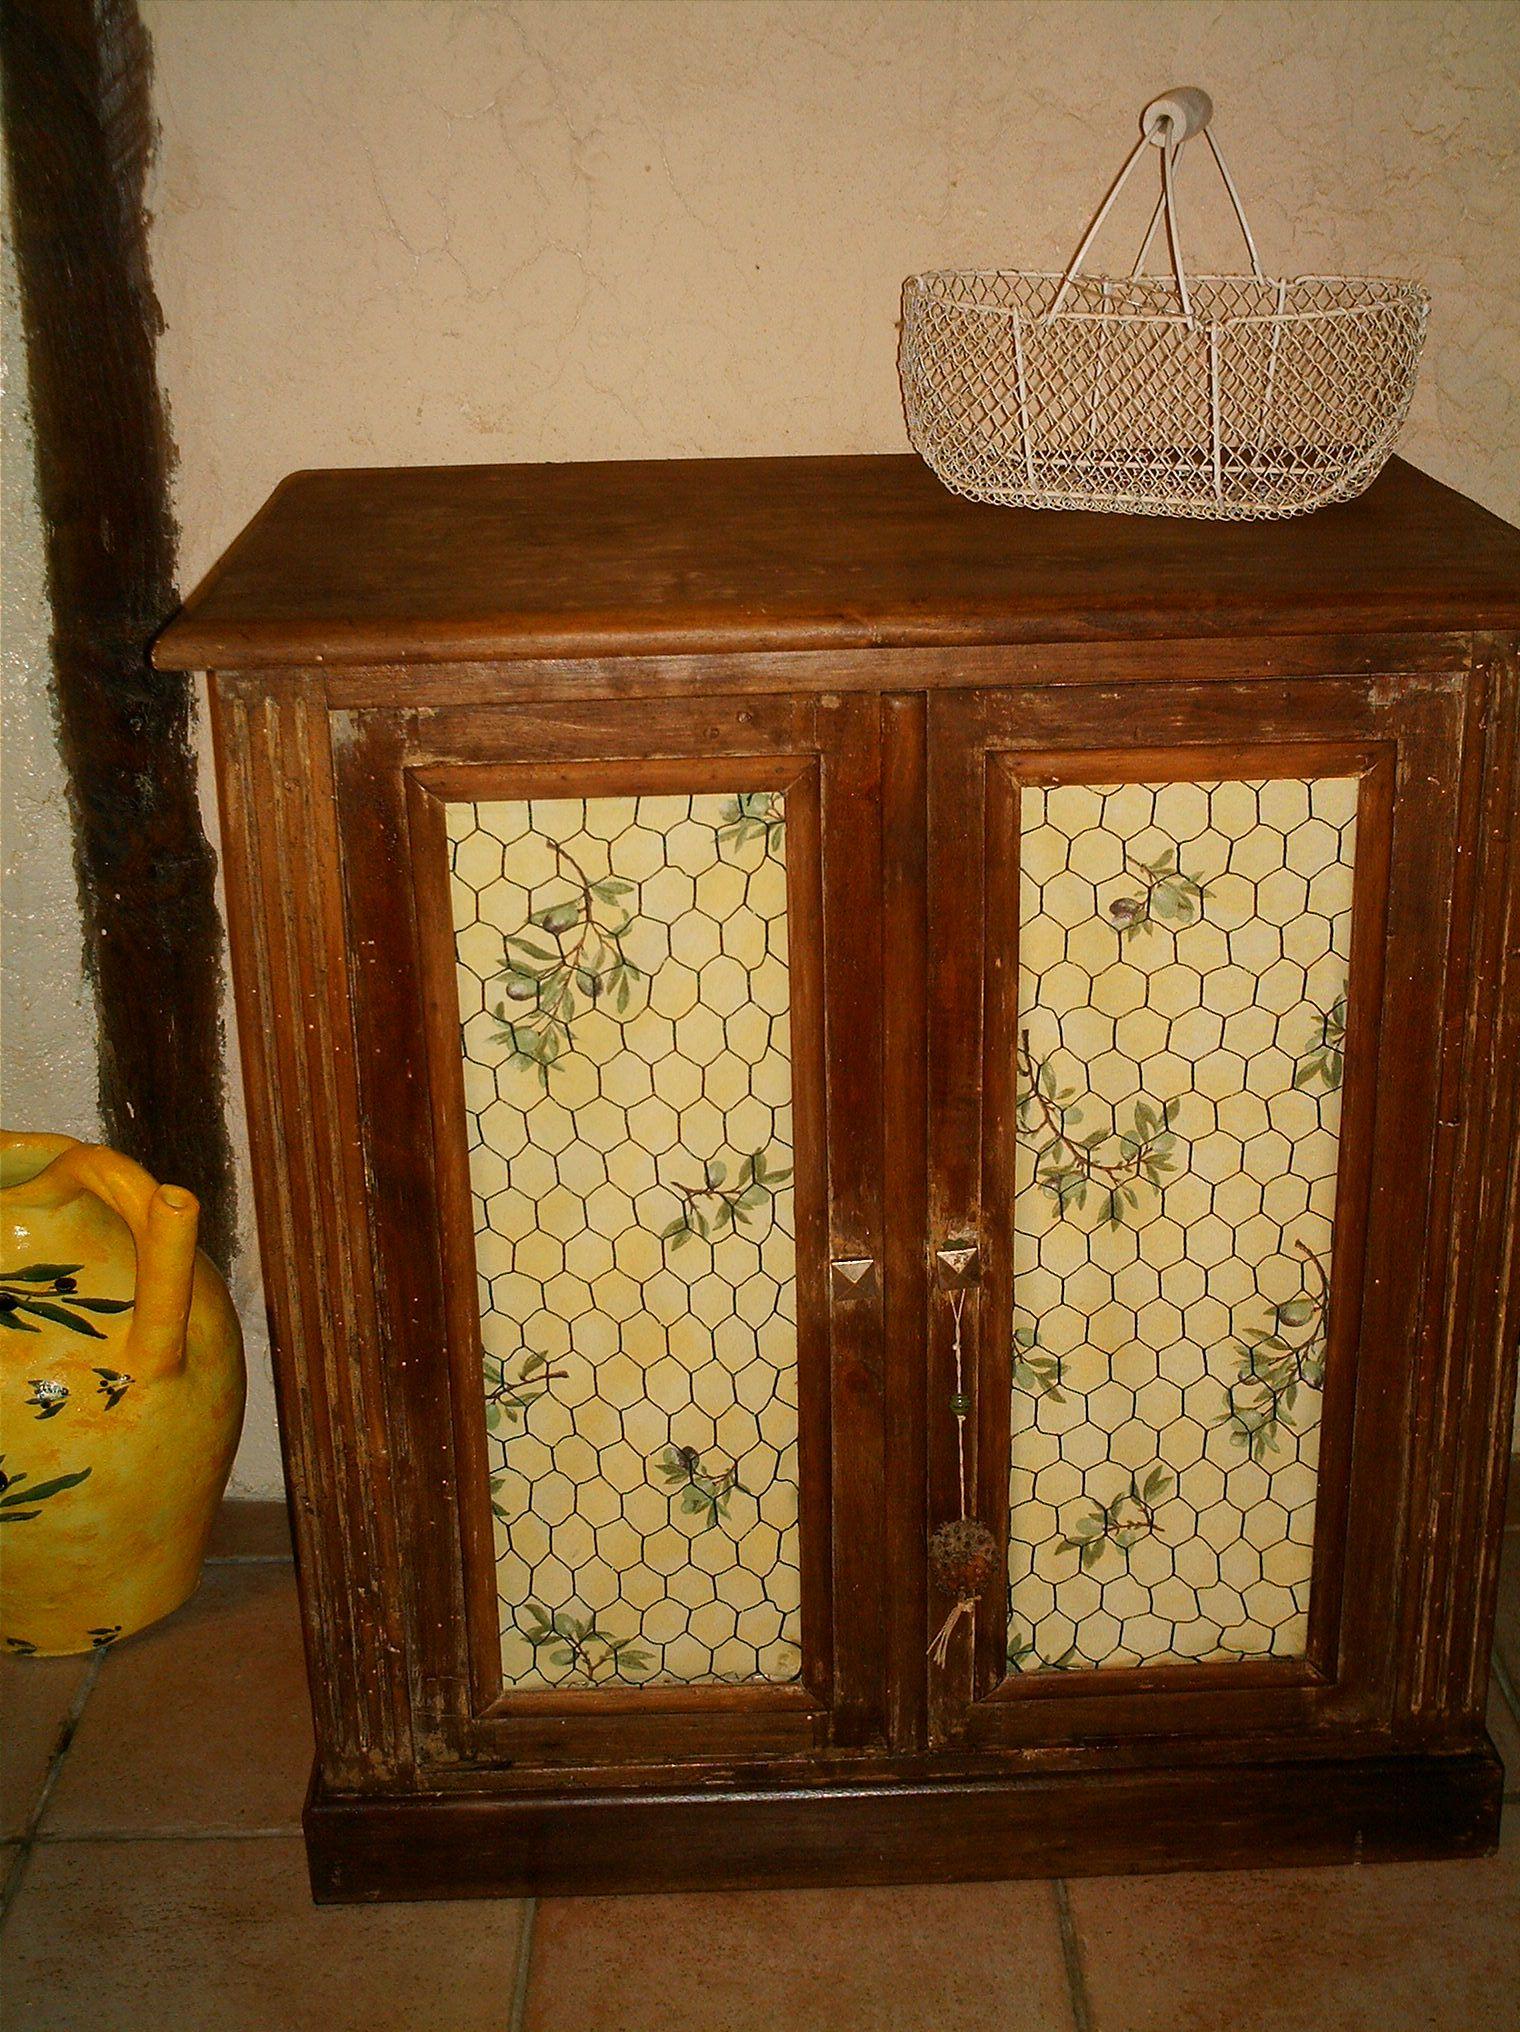 Les vieux meubles page 8 for Meuble porte grillagee poule